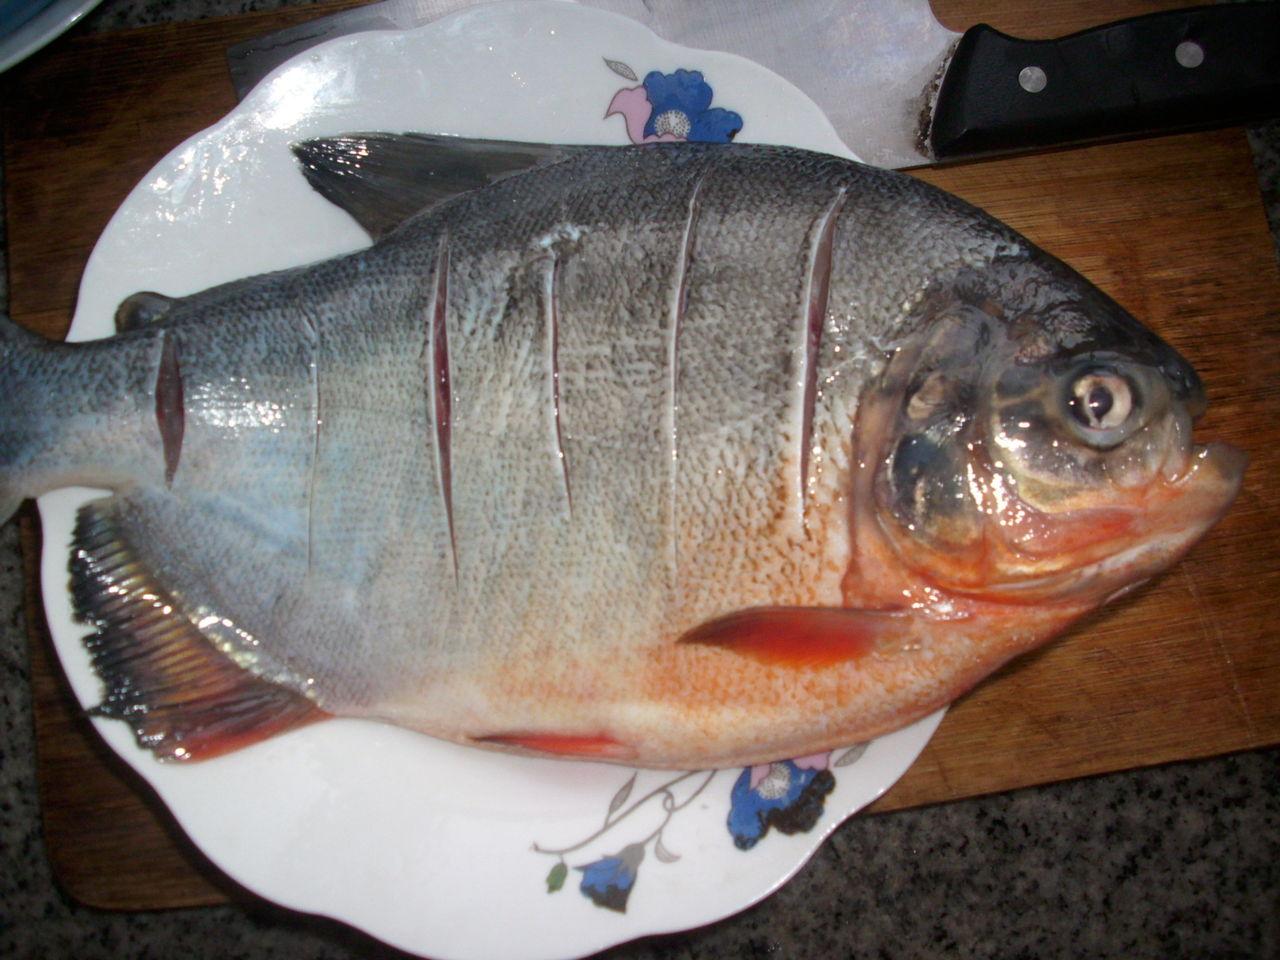 淡水白鲳_这是什么鱼?武昌鱼?有图片_百度知道